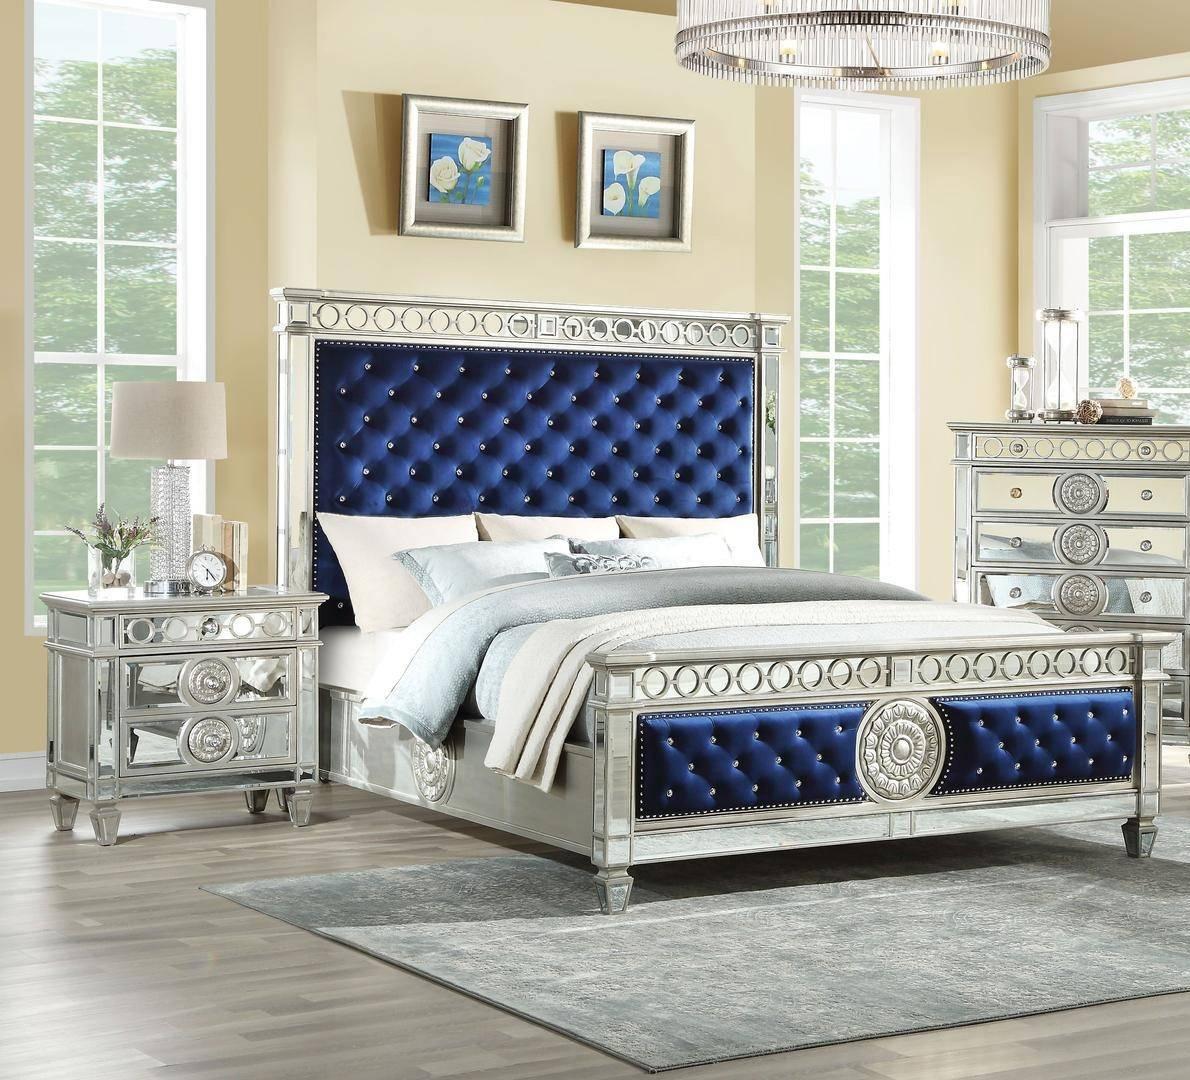 Buy ACME Varian Queen Panel Bedroom Set 3 Pcs in Blue, Silver